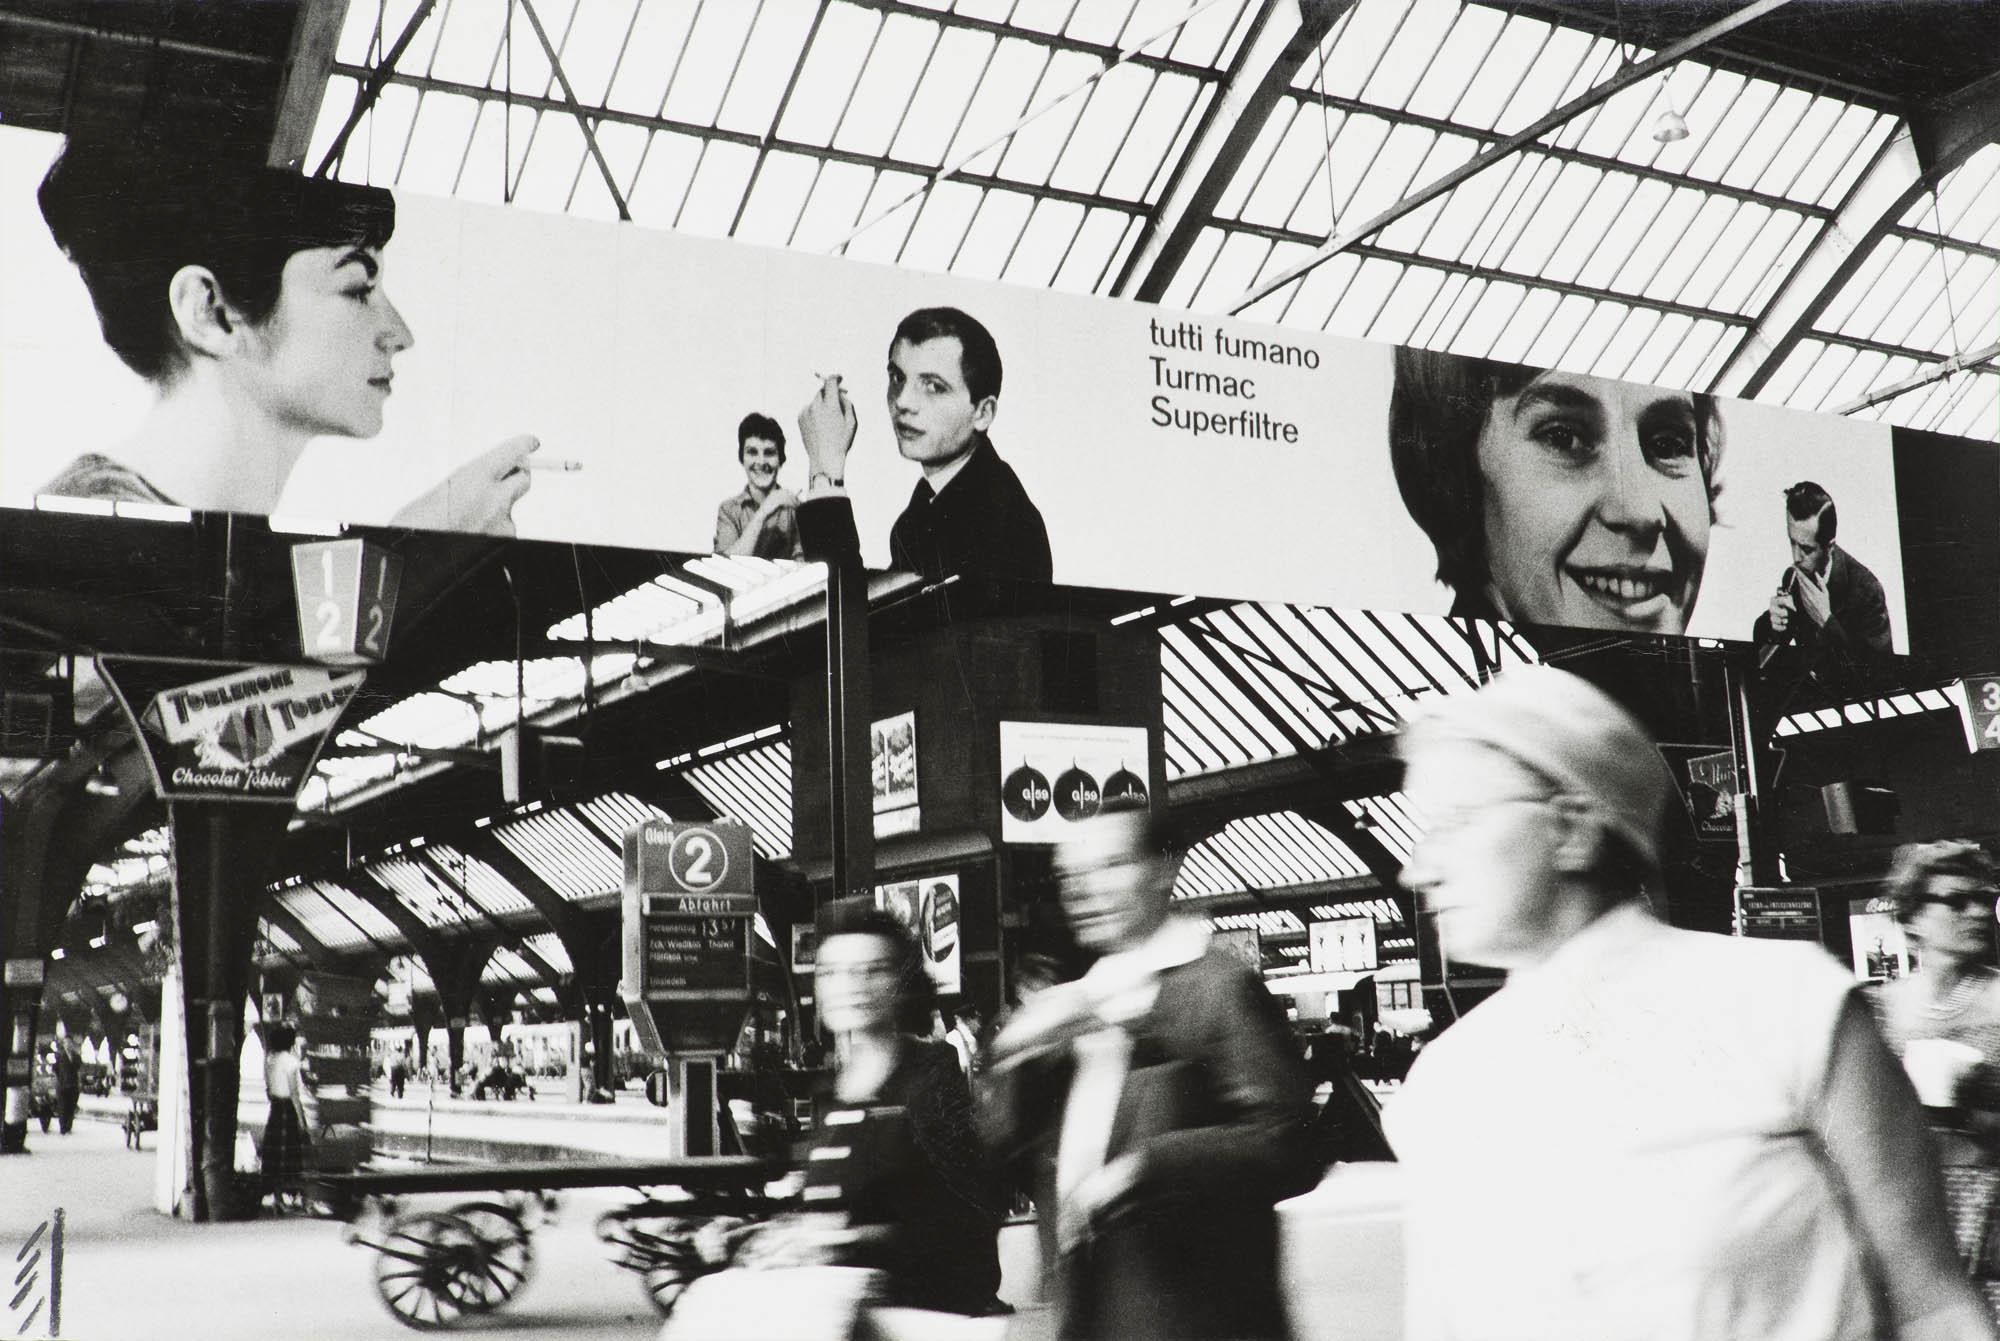 Werbepaneel Bahnhof Zürich, Turmac Atelier Müller-Brockmann Serge Libiszewski